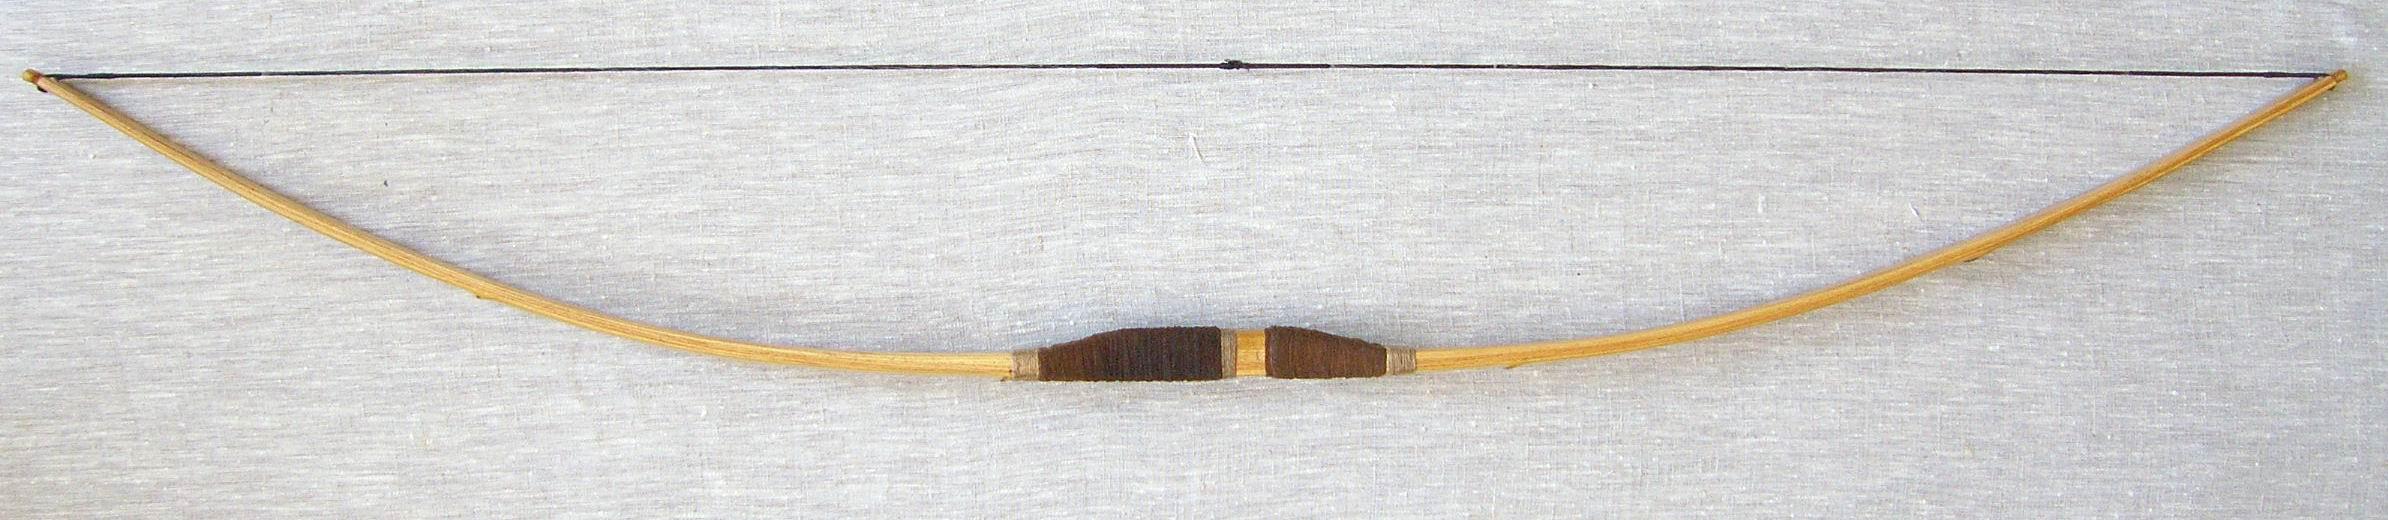 Как сделать лук и стрелы из черемухи